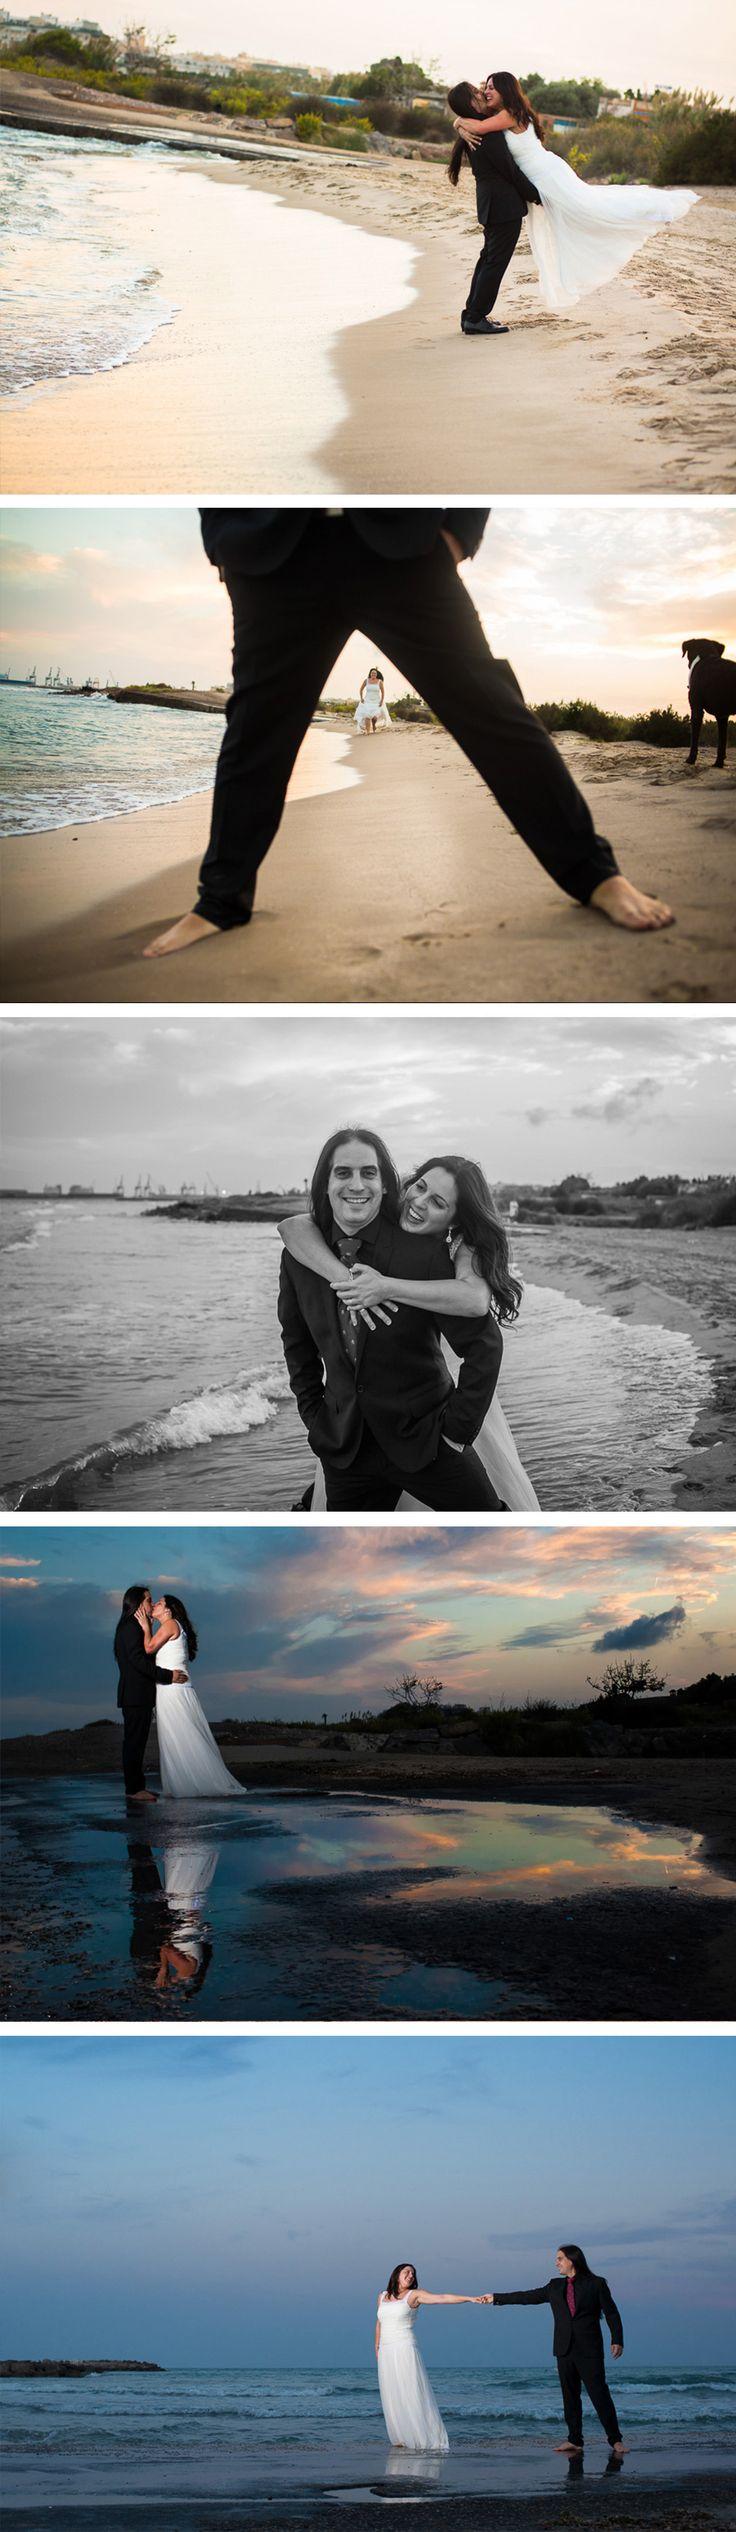 Boda en la playa de Canet, Bodas, parejas, amor, playa, postboda